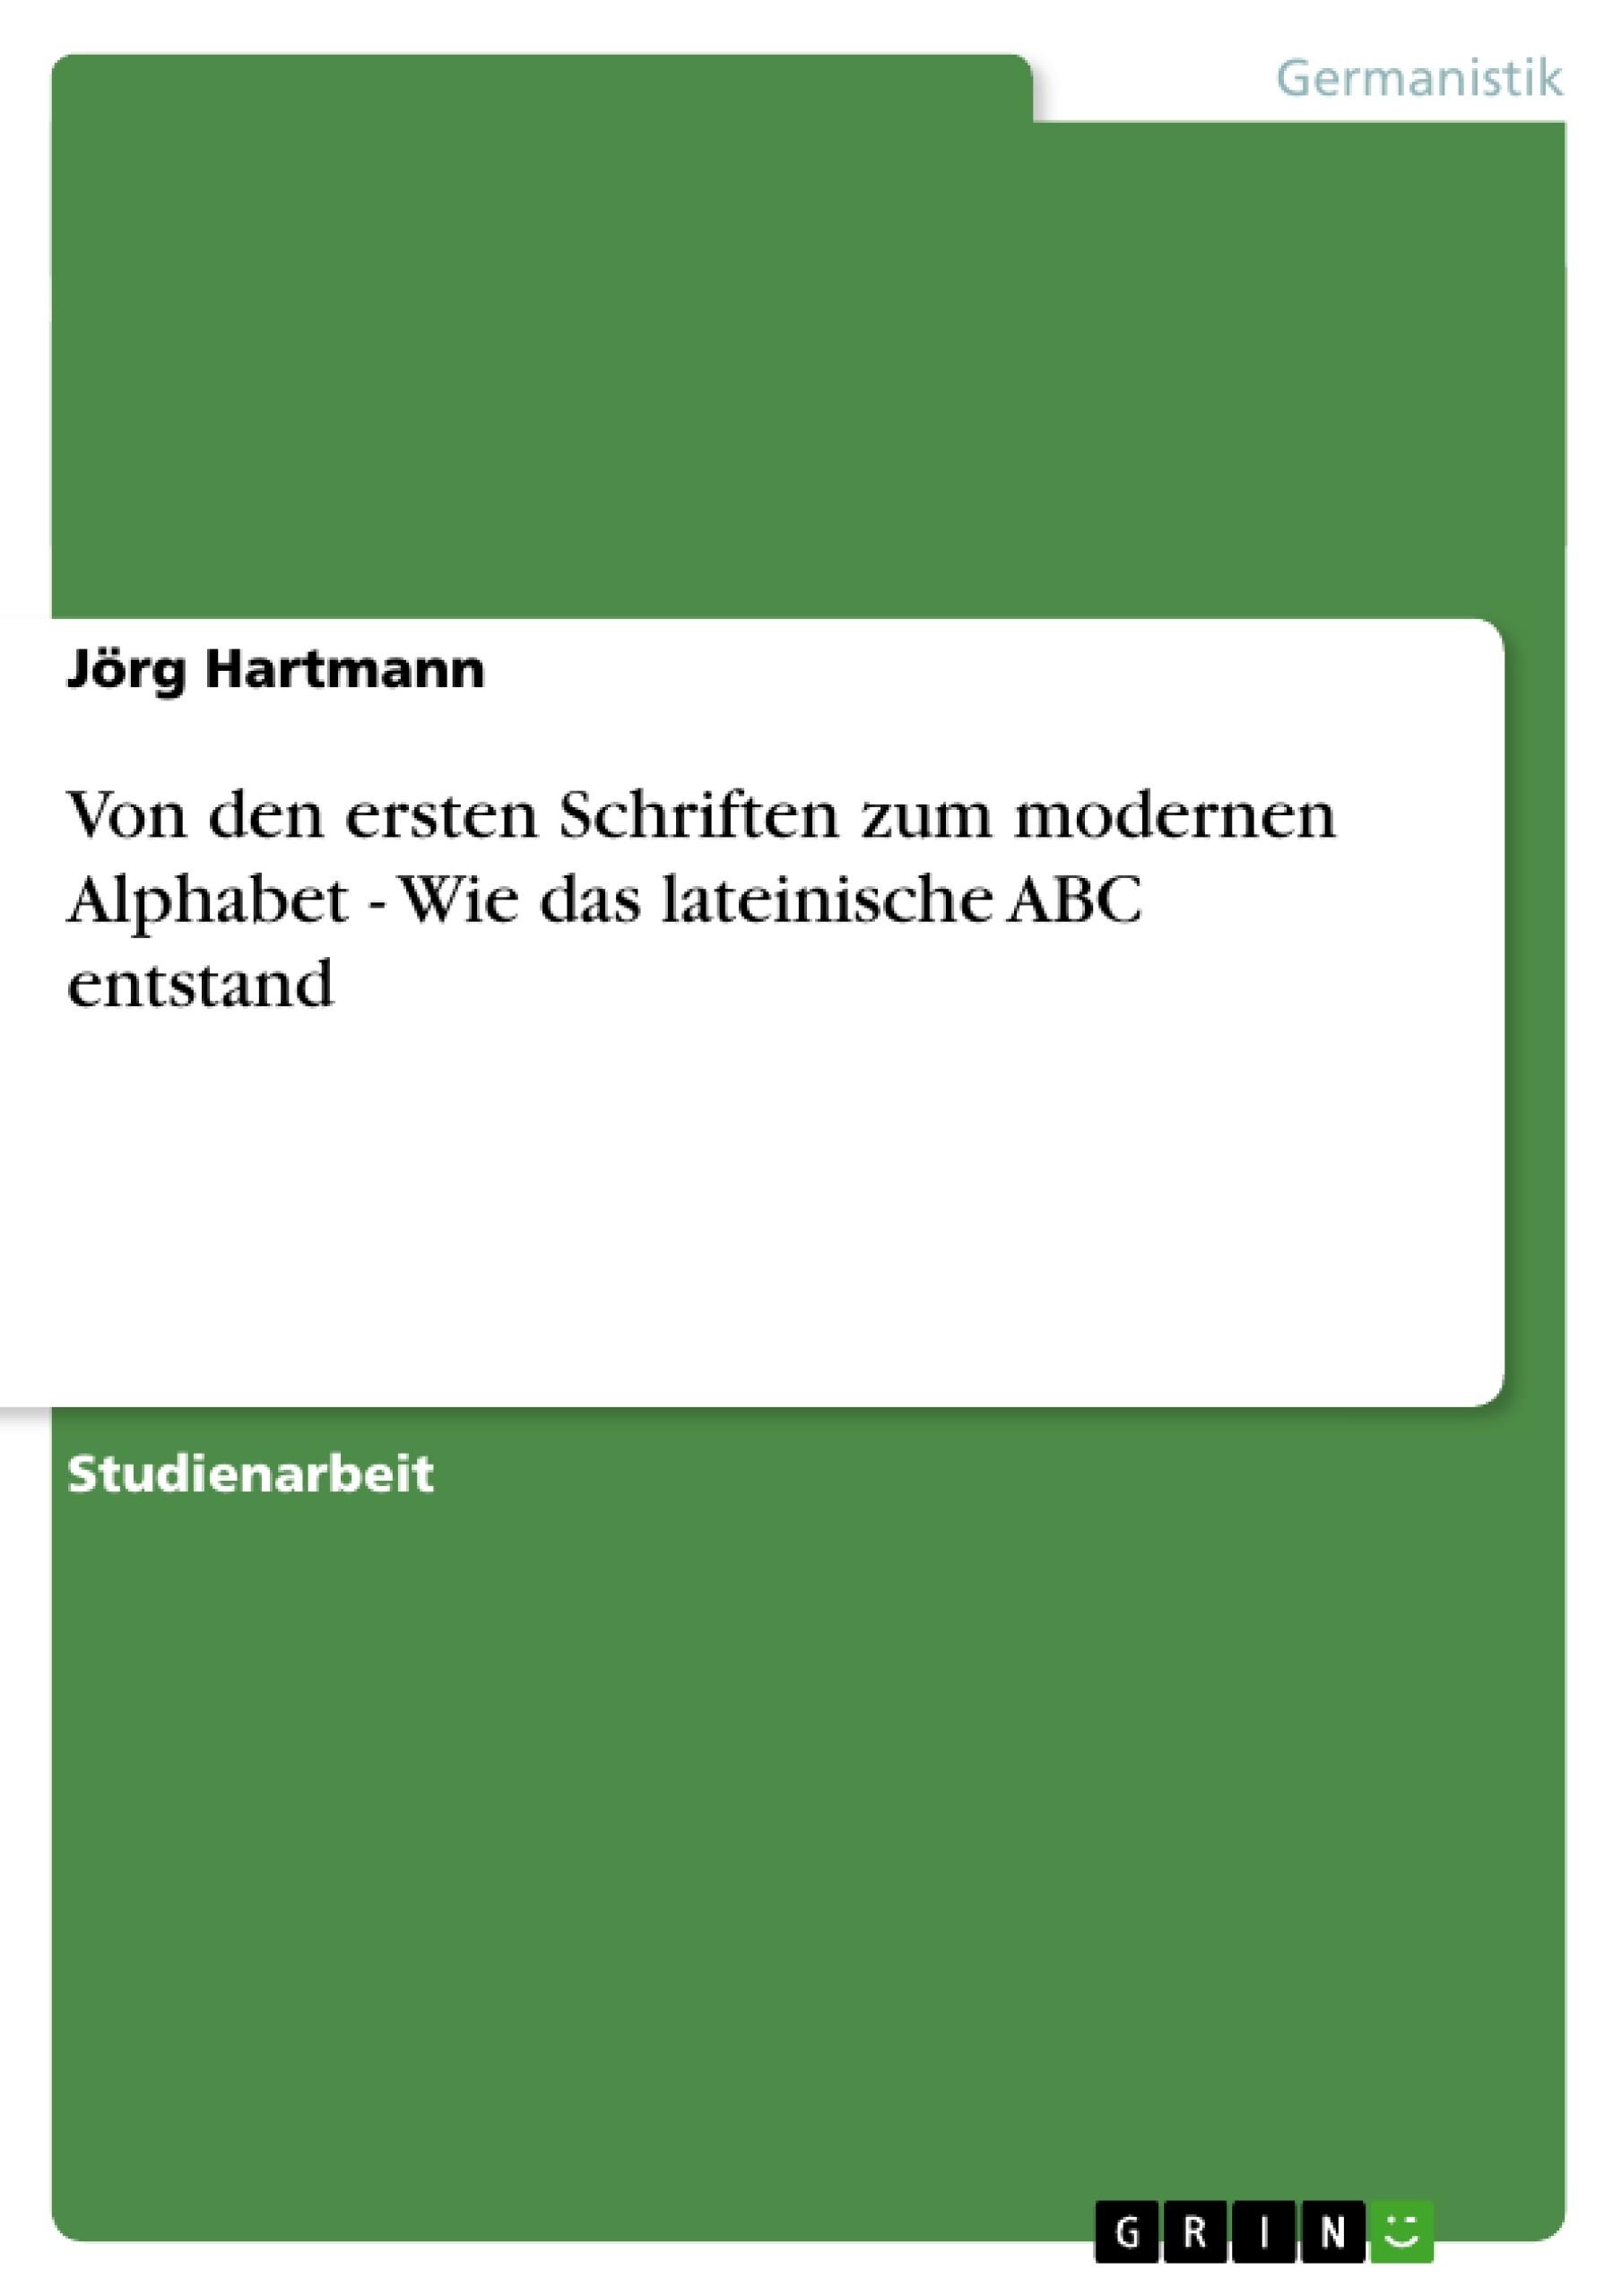 Titel: Von den ersten Schriften zum modernen Alphabet - Wie das lateinische ABC entstand